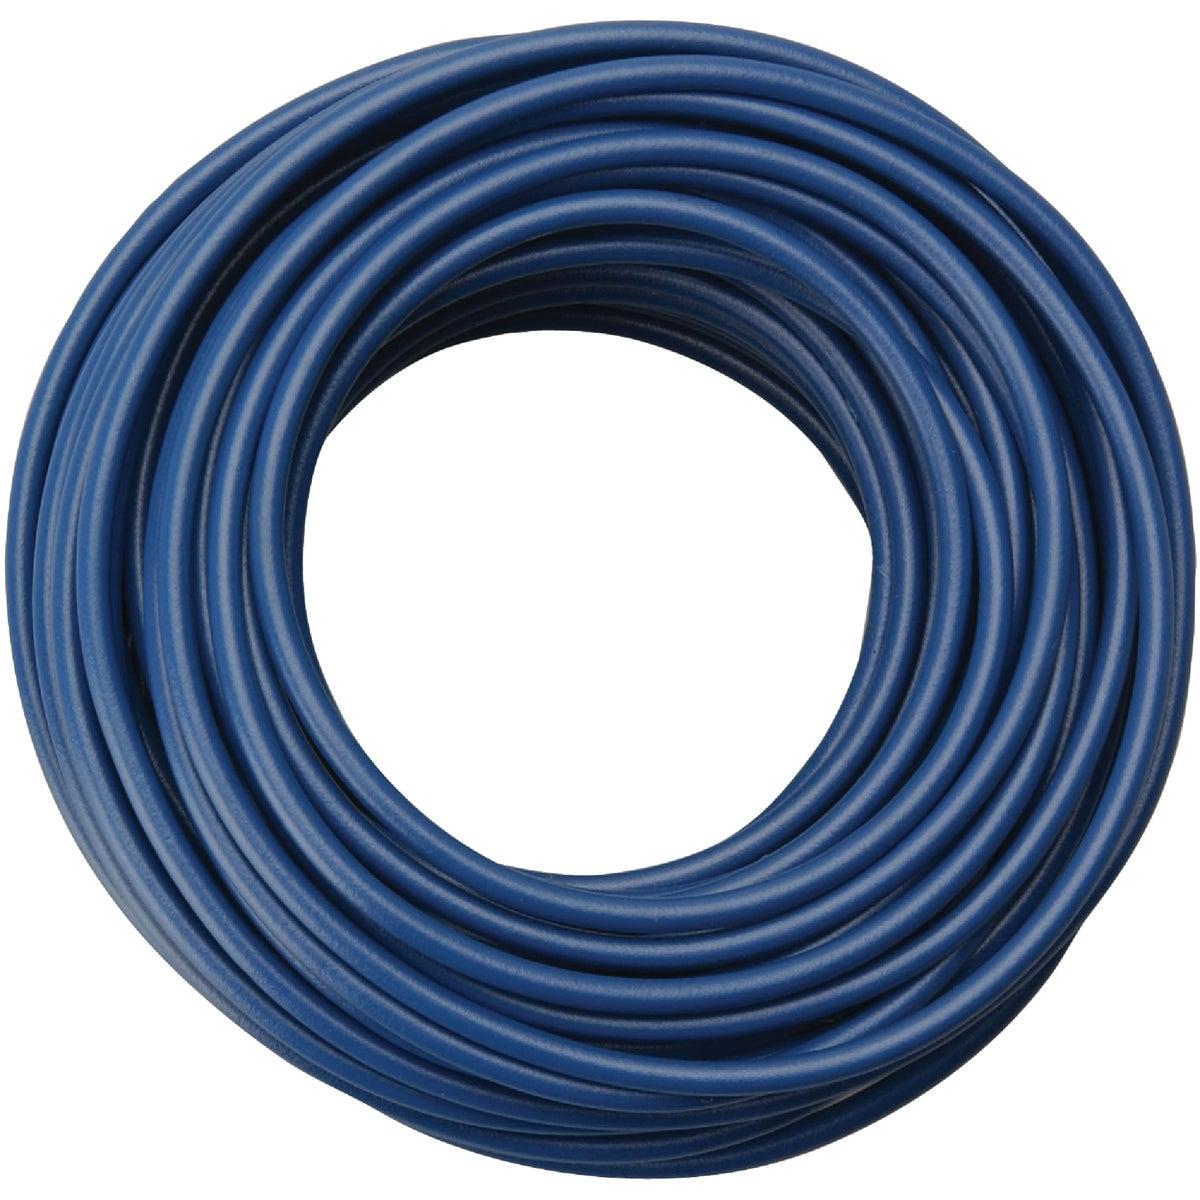 11' 12GA BLUE AUTO WIRE